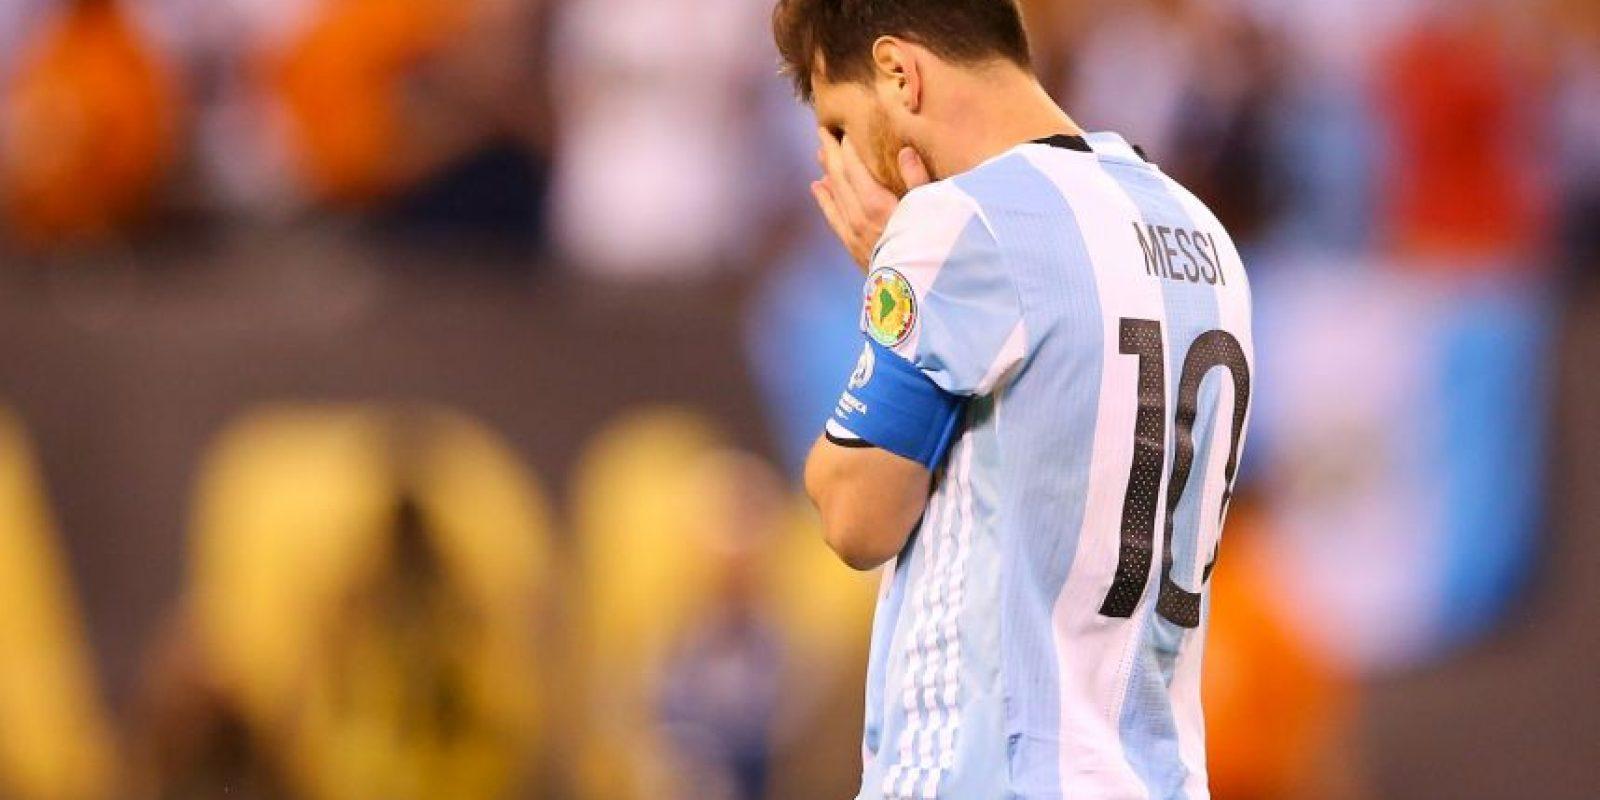 Luego de la derrota, Lionel Messi anunció su retiro de la selección argentina Foto:Getty Images